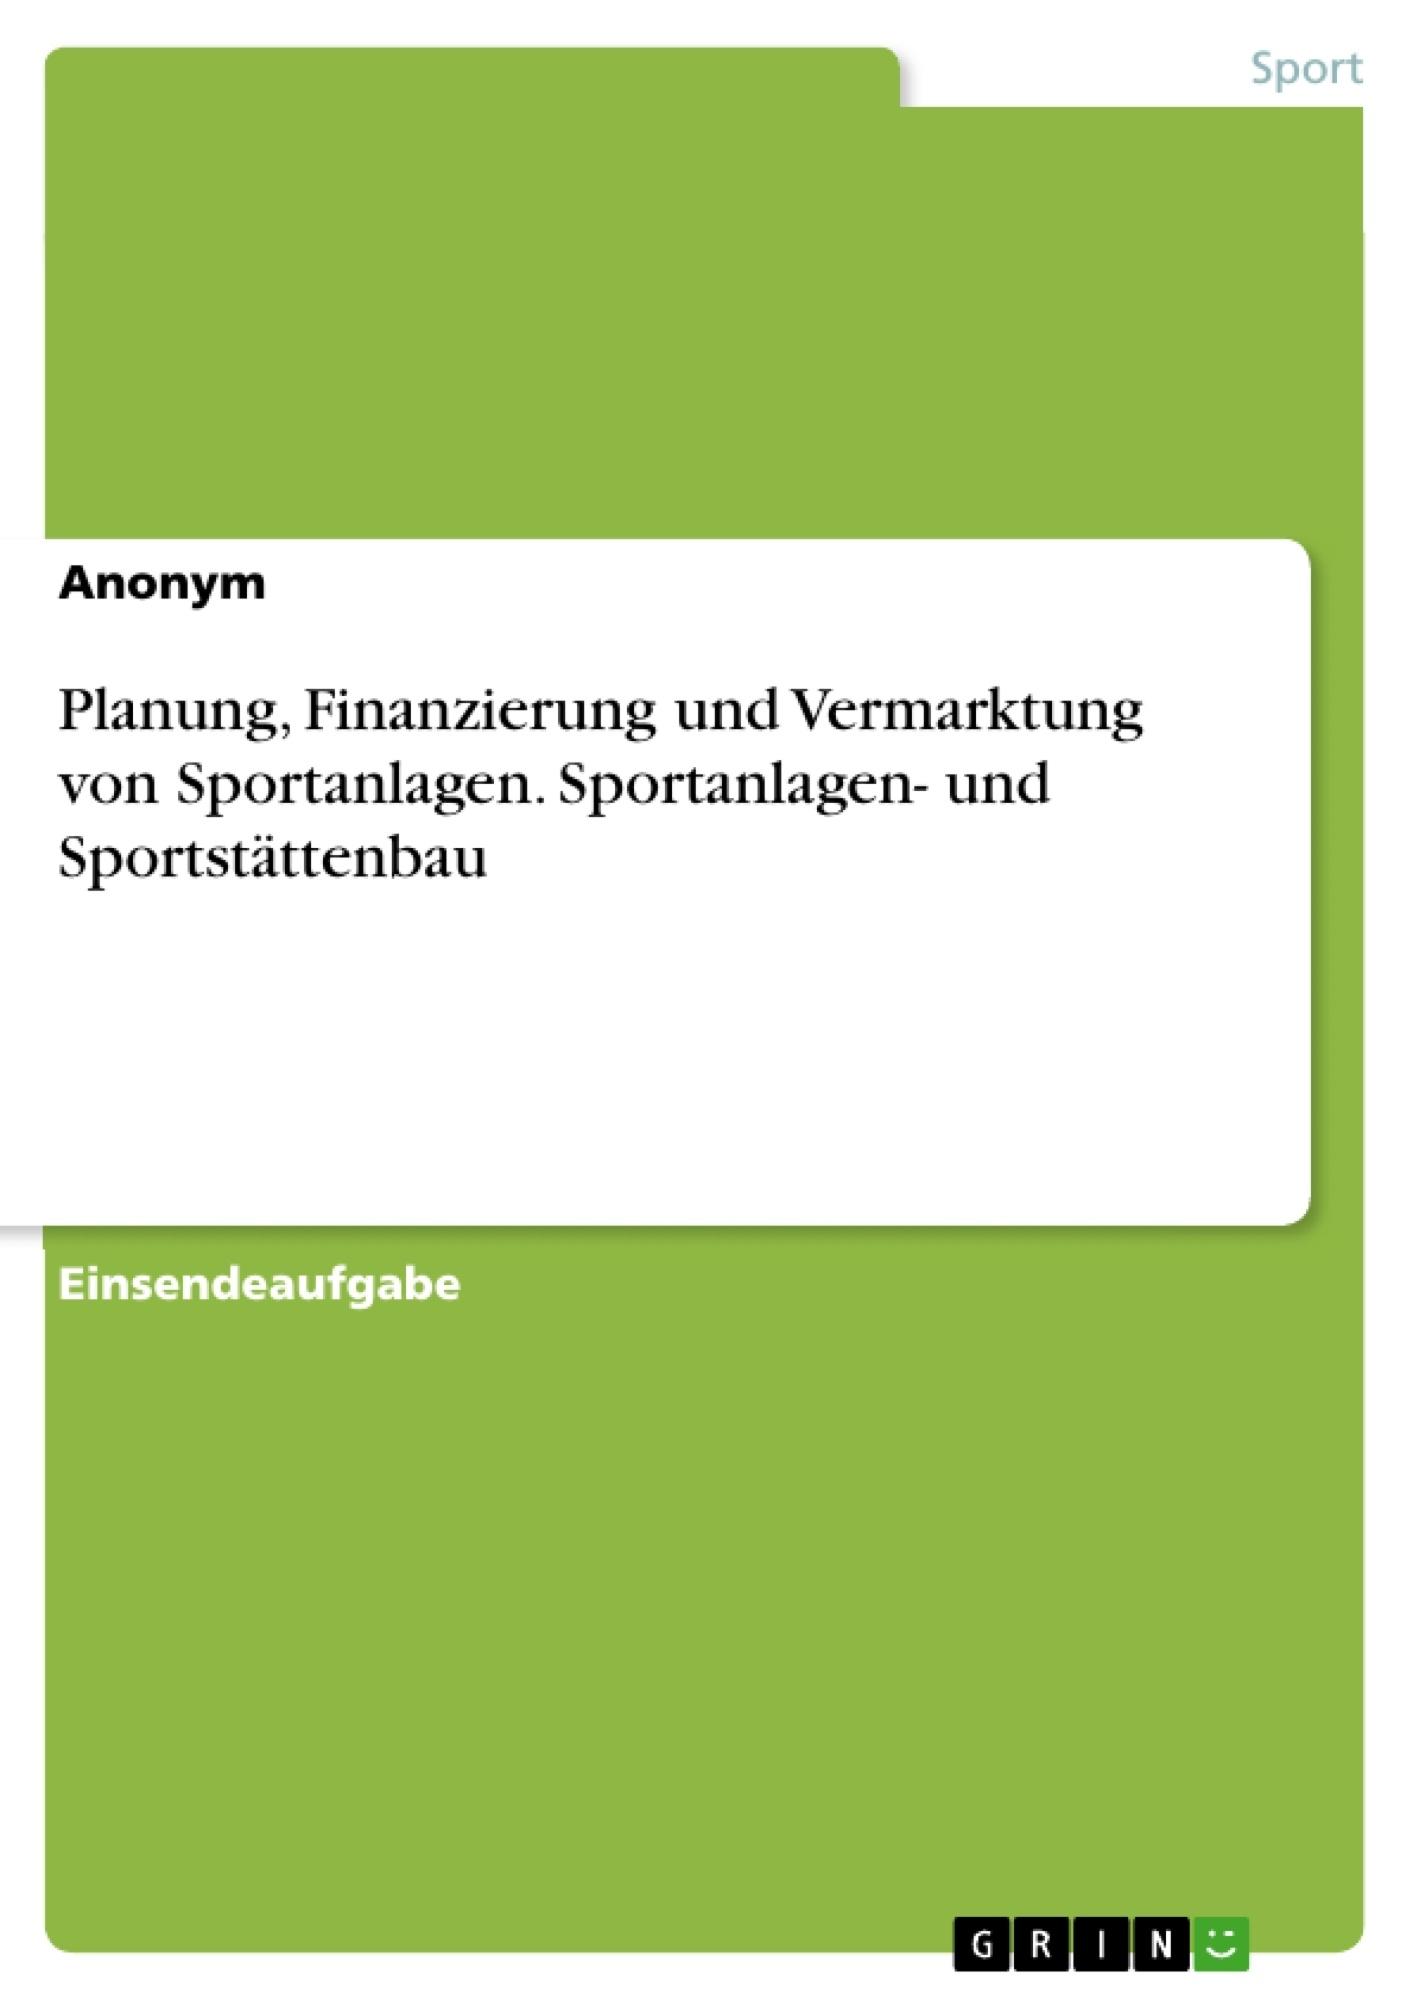 Titel: Planung, Finanzierung und Vermarktung von Sportanlagen. Sportanlagen- und Sportstättenbau